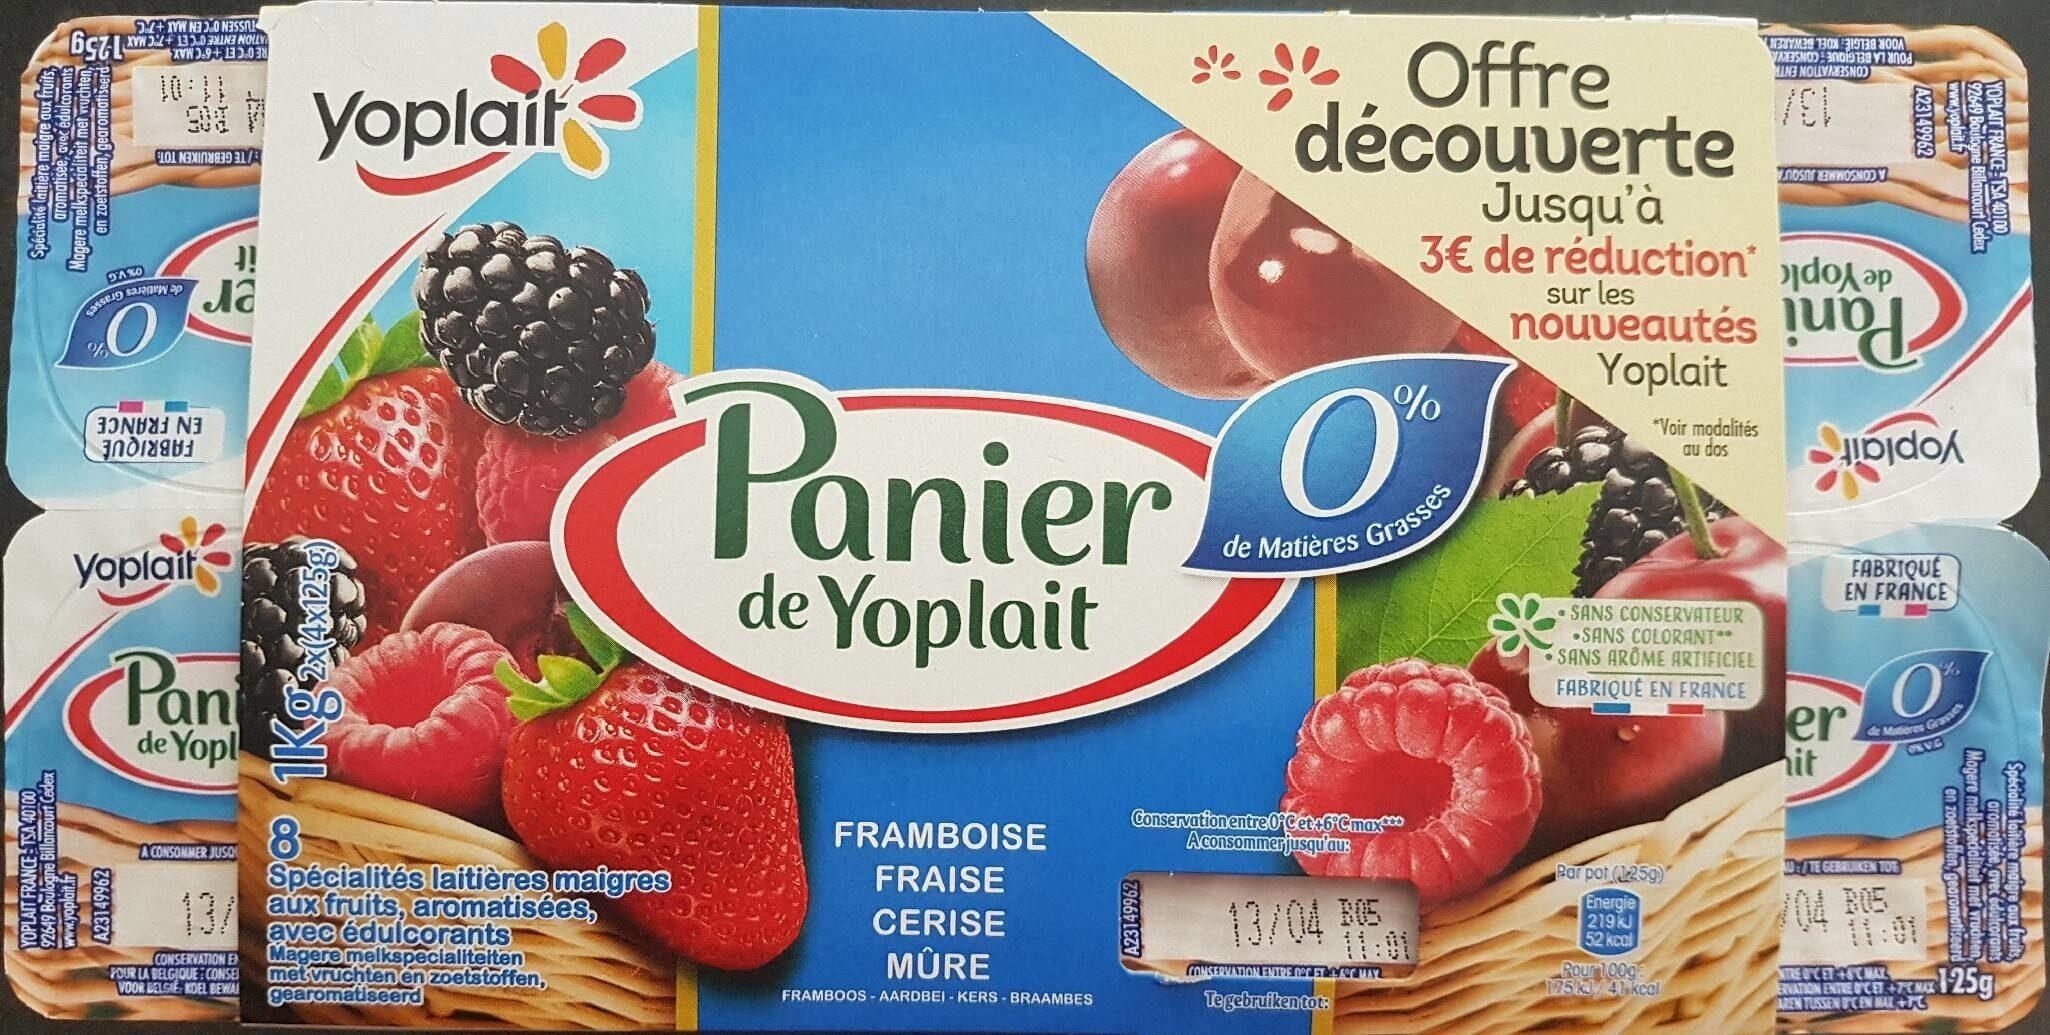 Panier de Yoplait 0% de MG - Produit